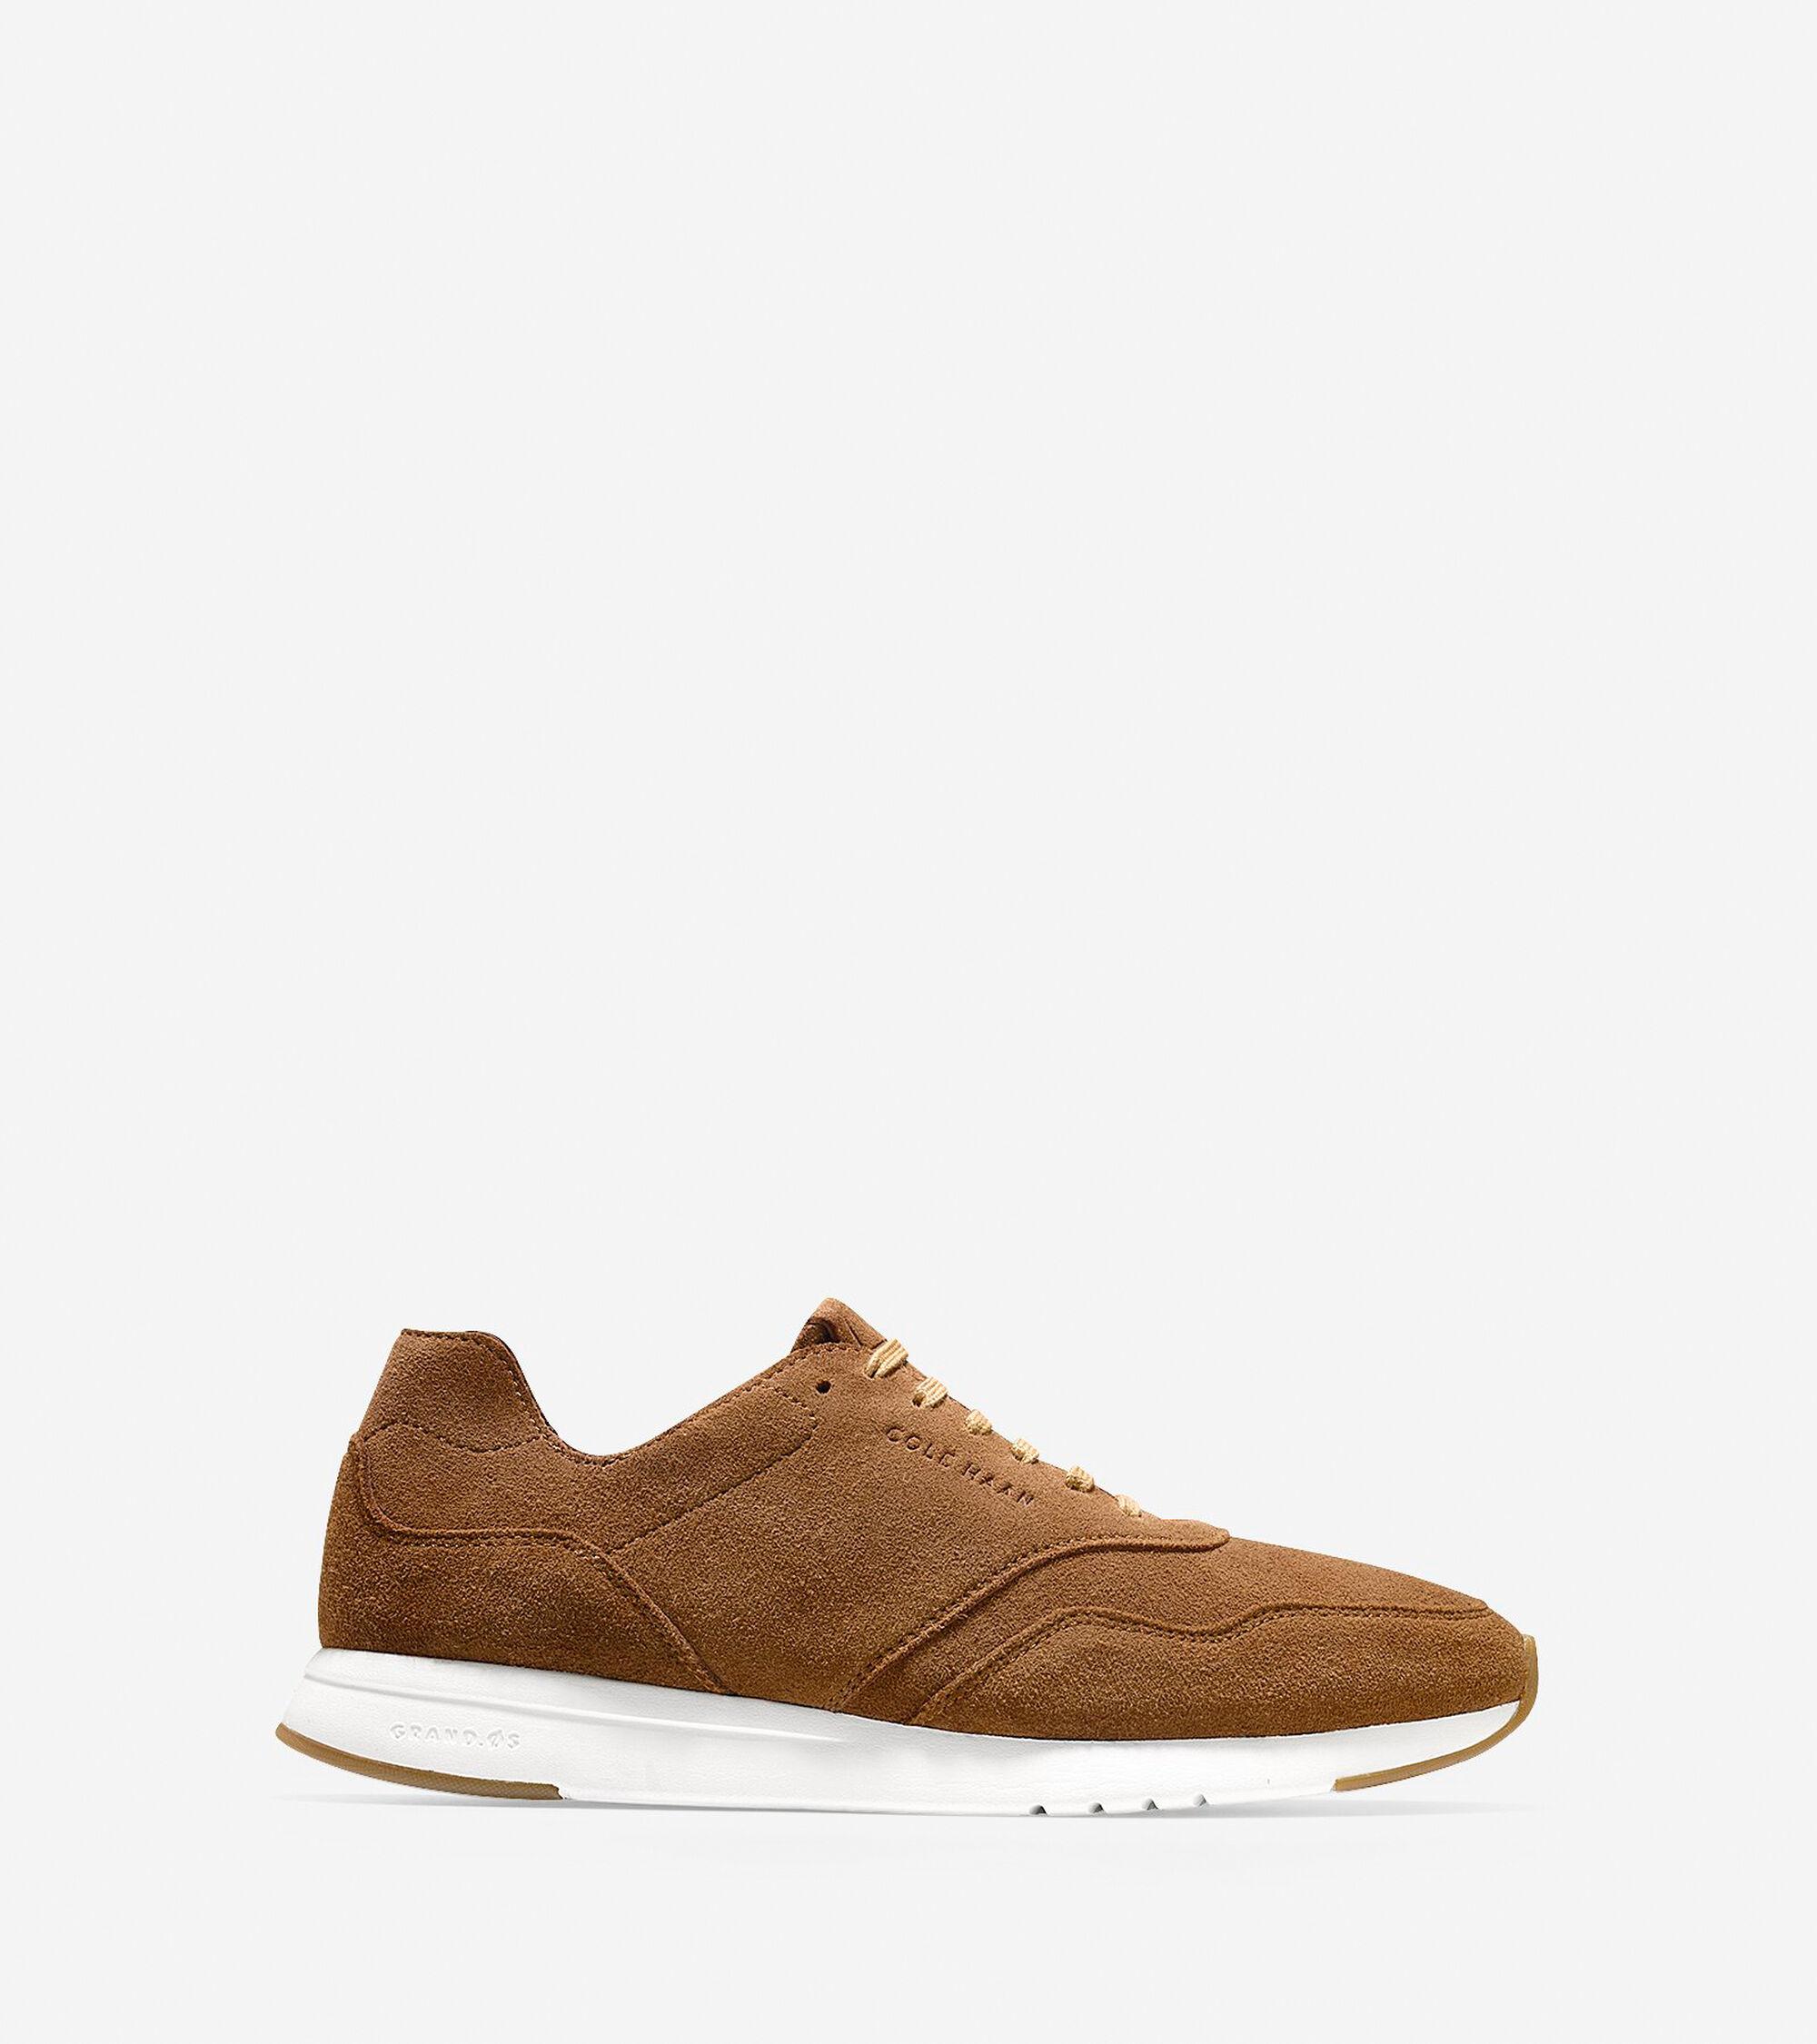 Cole Haan GrandPro Deconstructed Running Sneaker